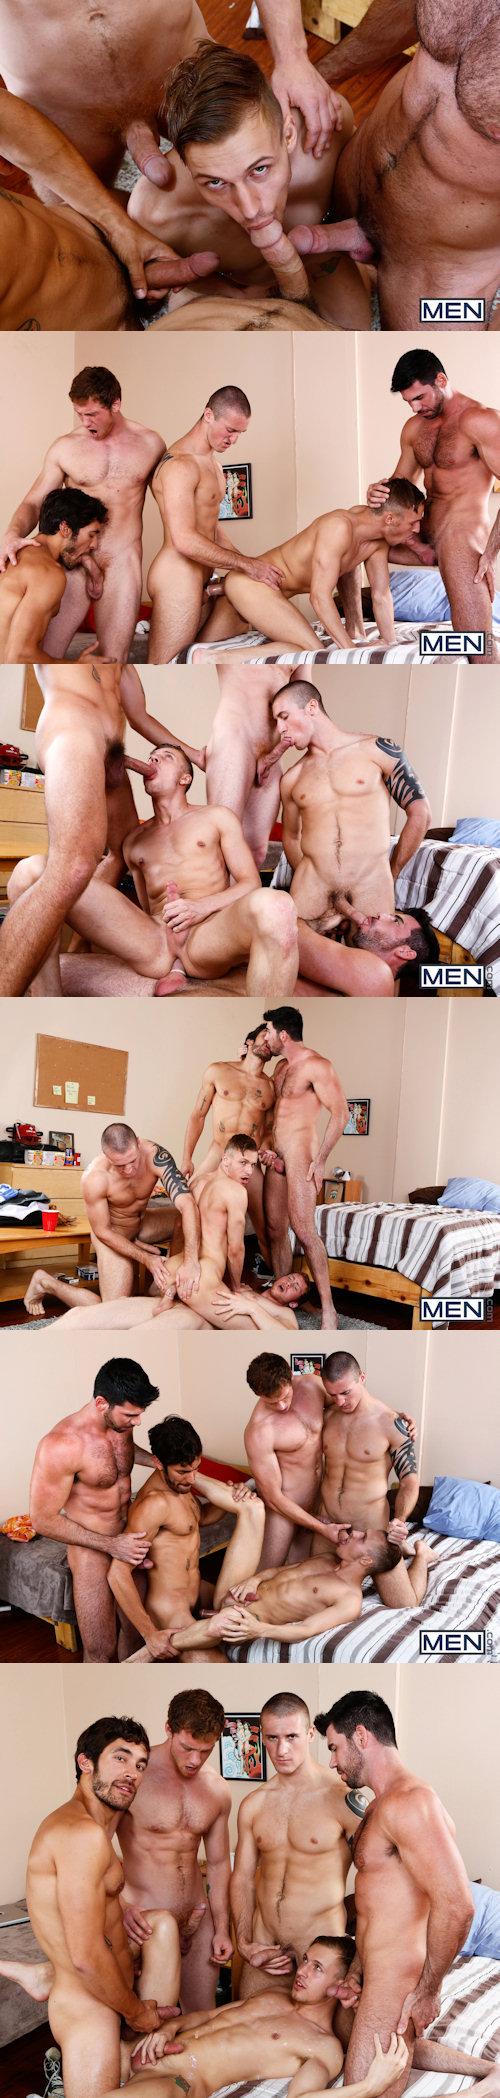 men0919b.jpg